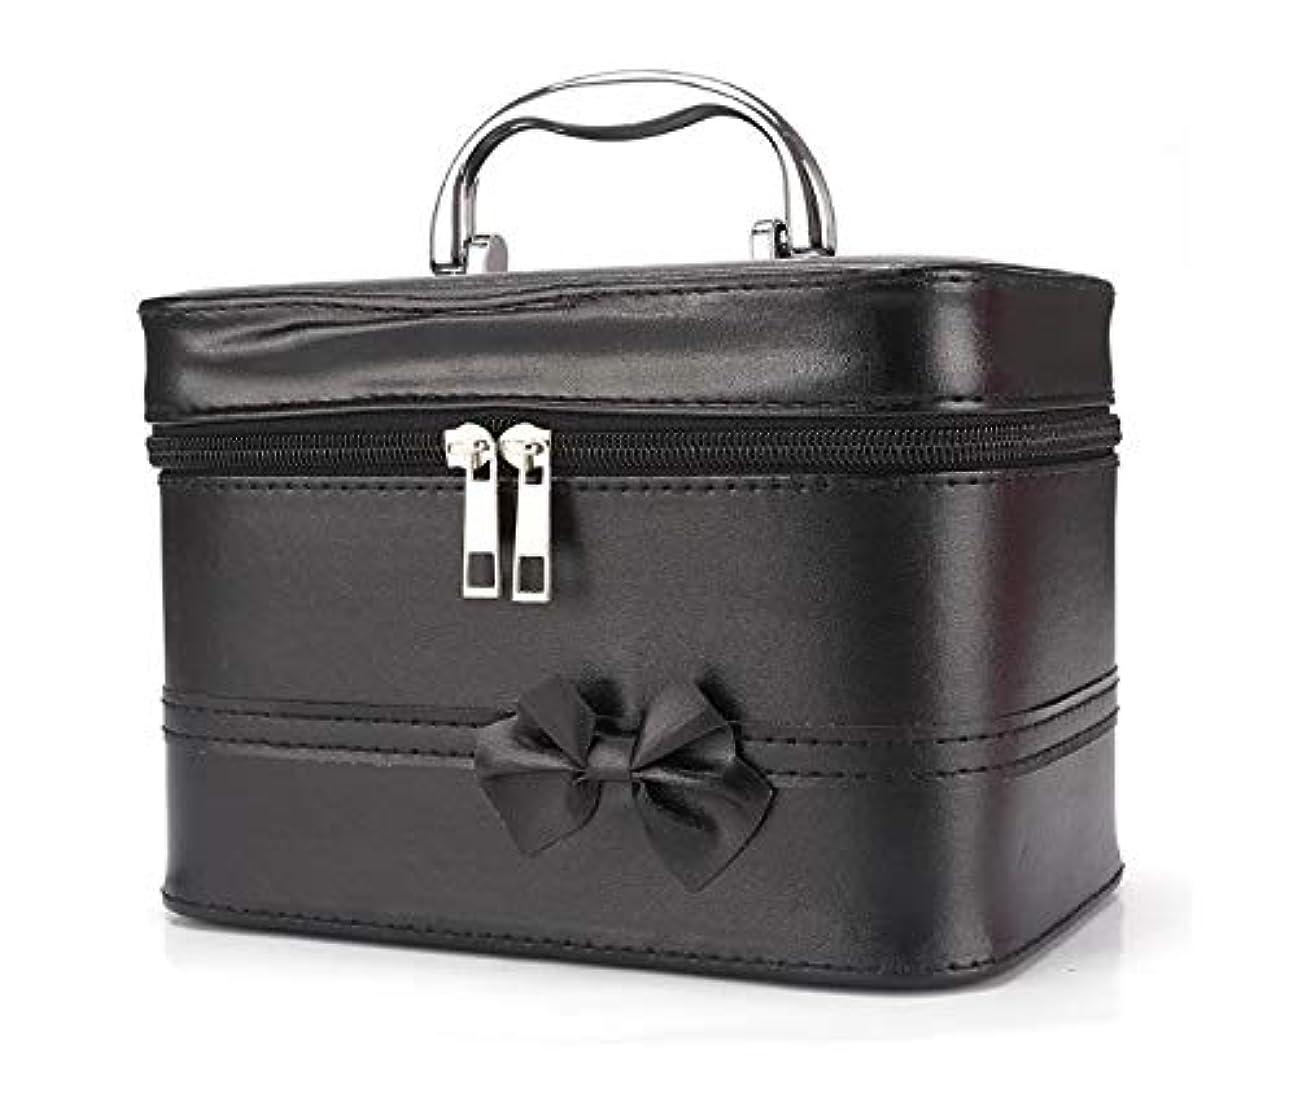 入手します振りかけるアンケート化粧箱、弓スクエアポータブル化粧品袋、ポータブルポータブル旅行化粧品ケース、美容ネイルジュエリー収納ボックス (Color : ブラック)